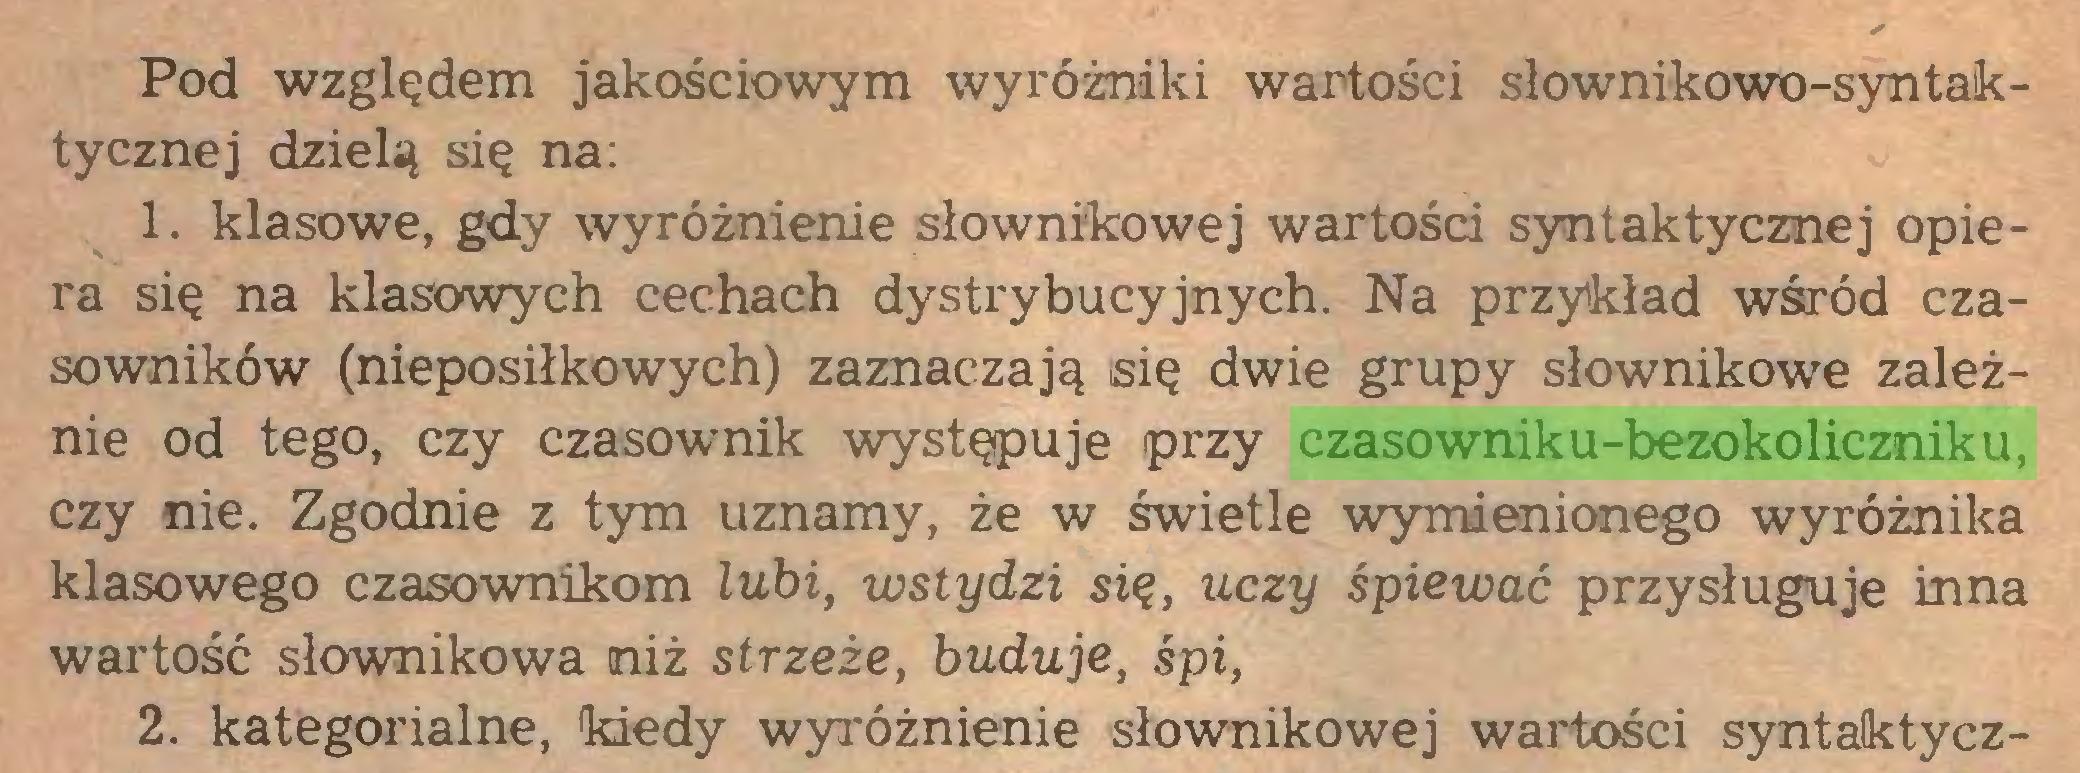 (...) Pod względem jakościowym wyróżniki wartości słownikowo-syntaktycznej dzielą się na: 1. klasowe, gdy wyróżnienie słownikowej wartości syntaktycznej opiera się na klasowych cechach dystrybucyjnych. Na przykład wśród czasowników (nieposiłkowych) zaznaczają się dwie grupy słownikowe zależnie od tego, czy czasownik występuje przy czasowniku-bezokoliczniku, czy nie. Zgodnie z tym uznamy, że w świetle wymienionego wyróżnika klasowego czasownikom lubi, wstydzi się, uczy śpiewać przysługuje inna wartość słownikowa niż strzeże, buduje, śpi, 2. kategorialne, kiedy wyróżnienie słownikowej wartości syntaktycz...